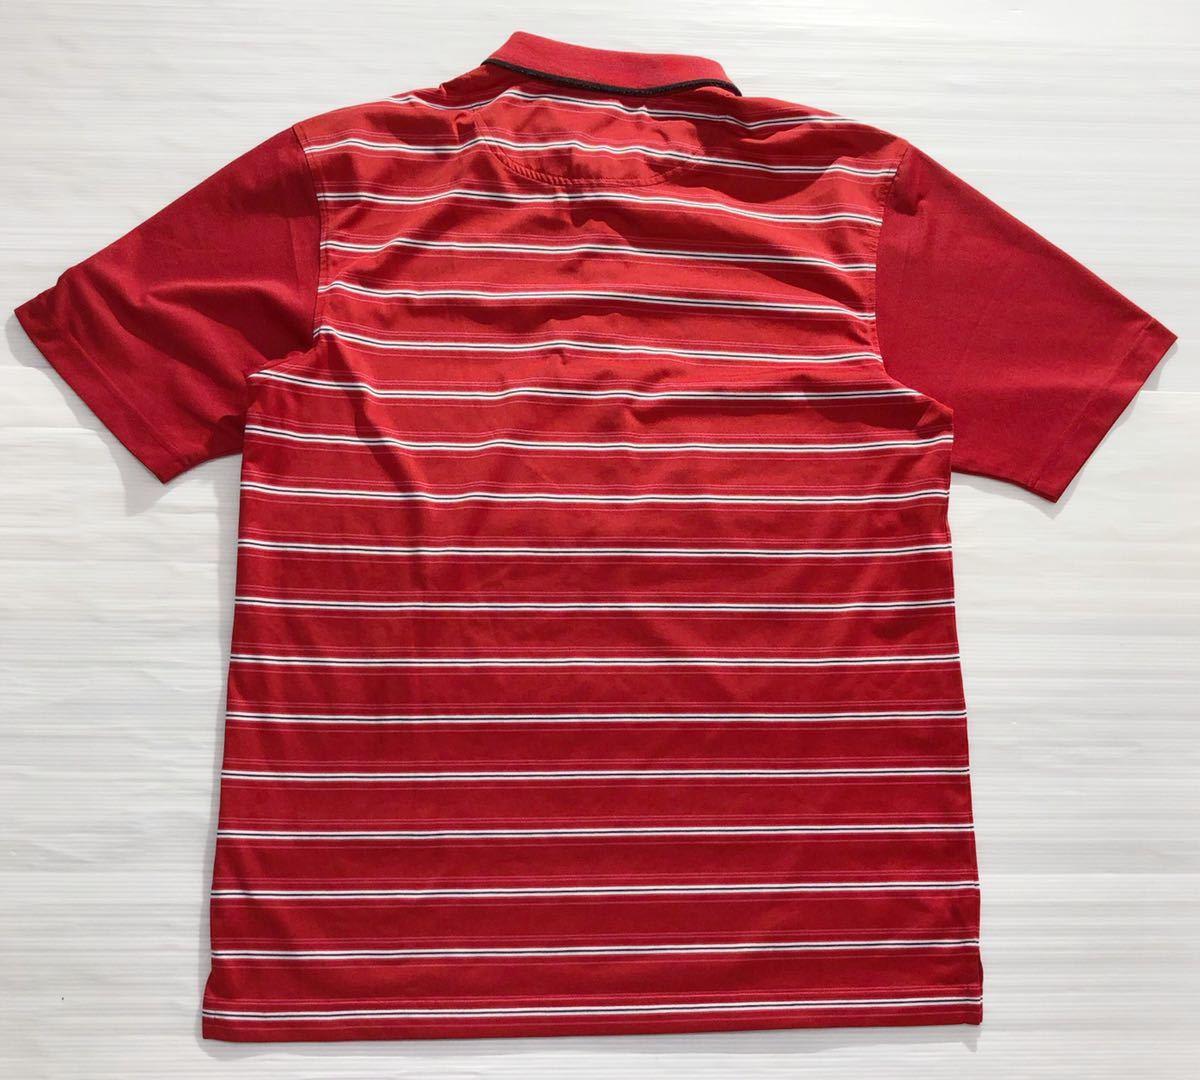 《le coq sportif GOLF ルコックゴルフ》ホワイトライン ロゴ刺繍 ボーダー柄 半袖 ポロシャツ レッド×ホワイト×ブラック L_画像2